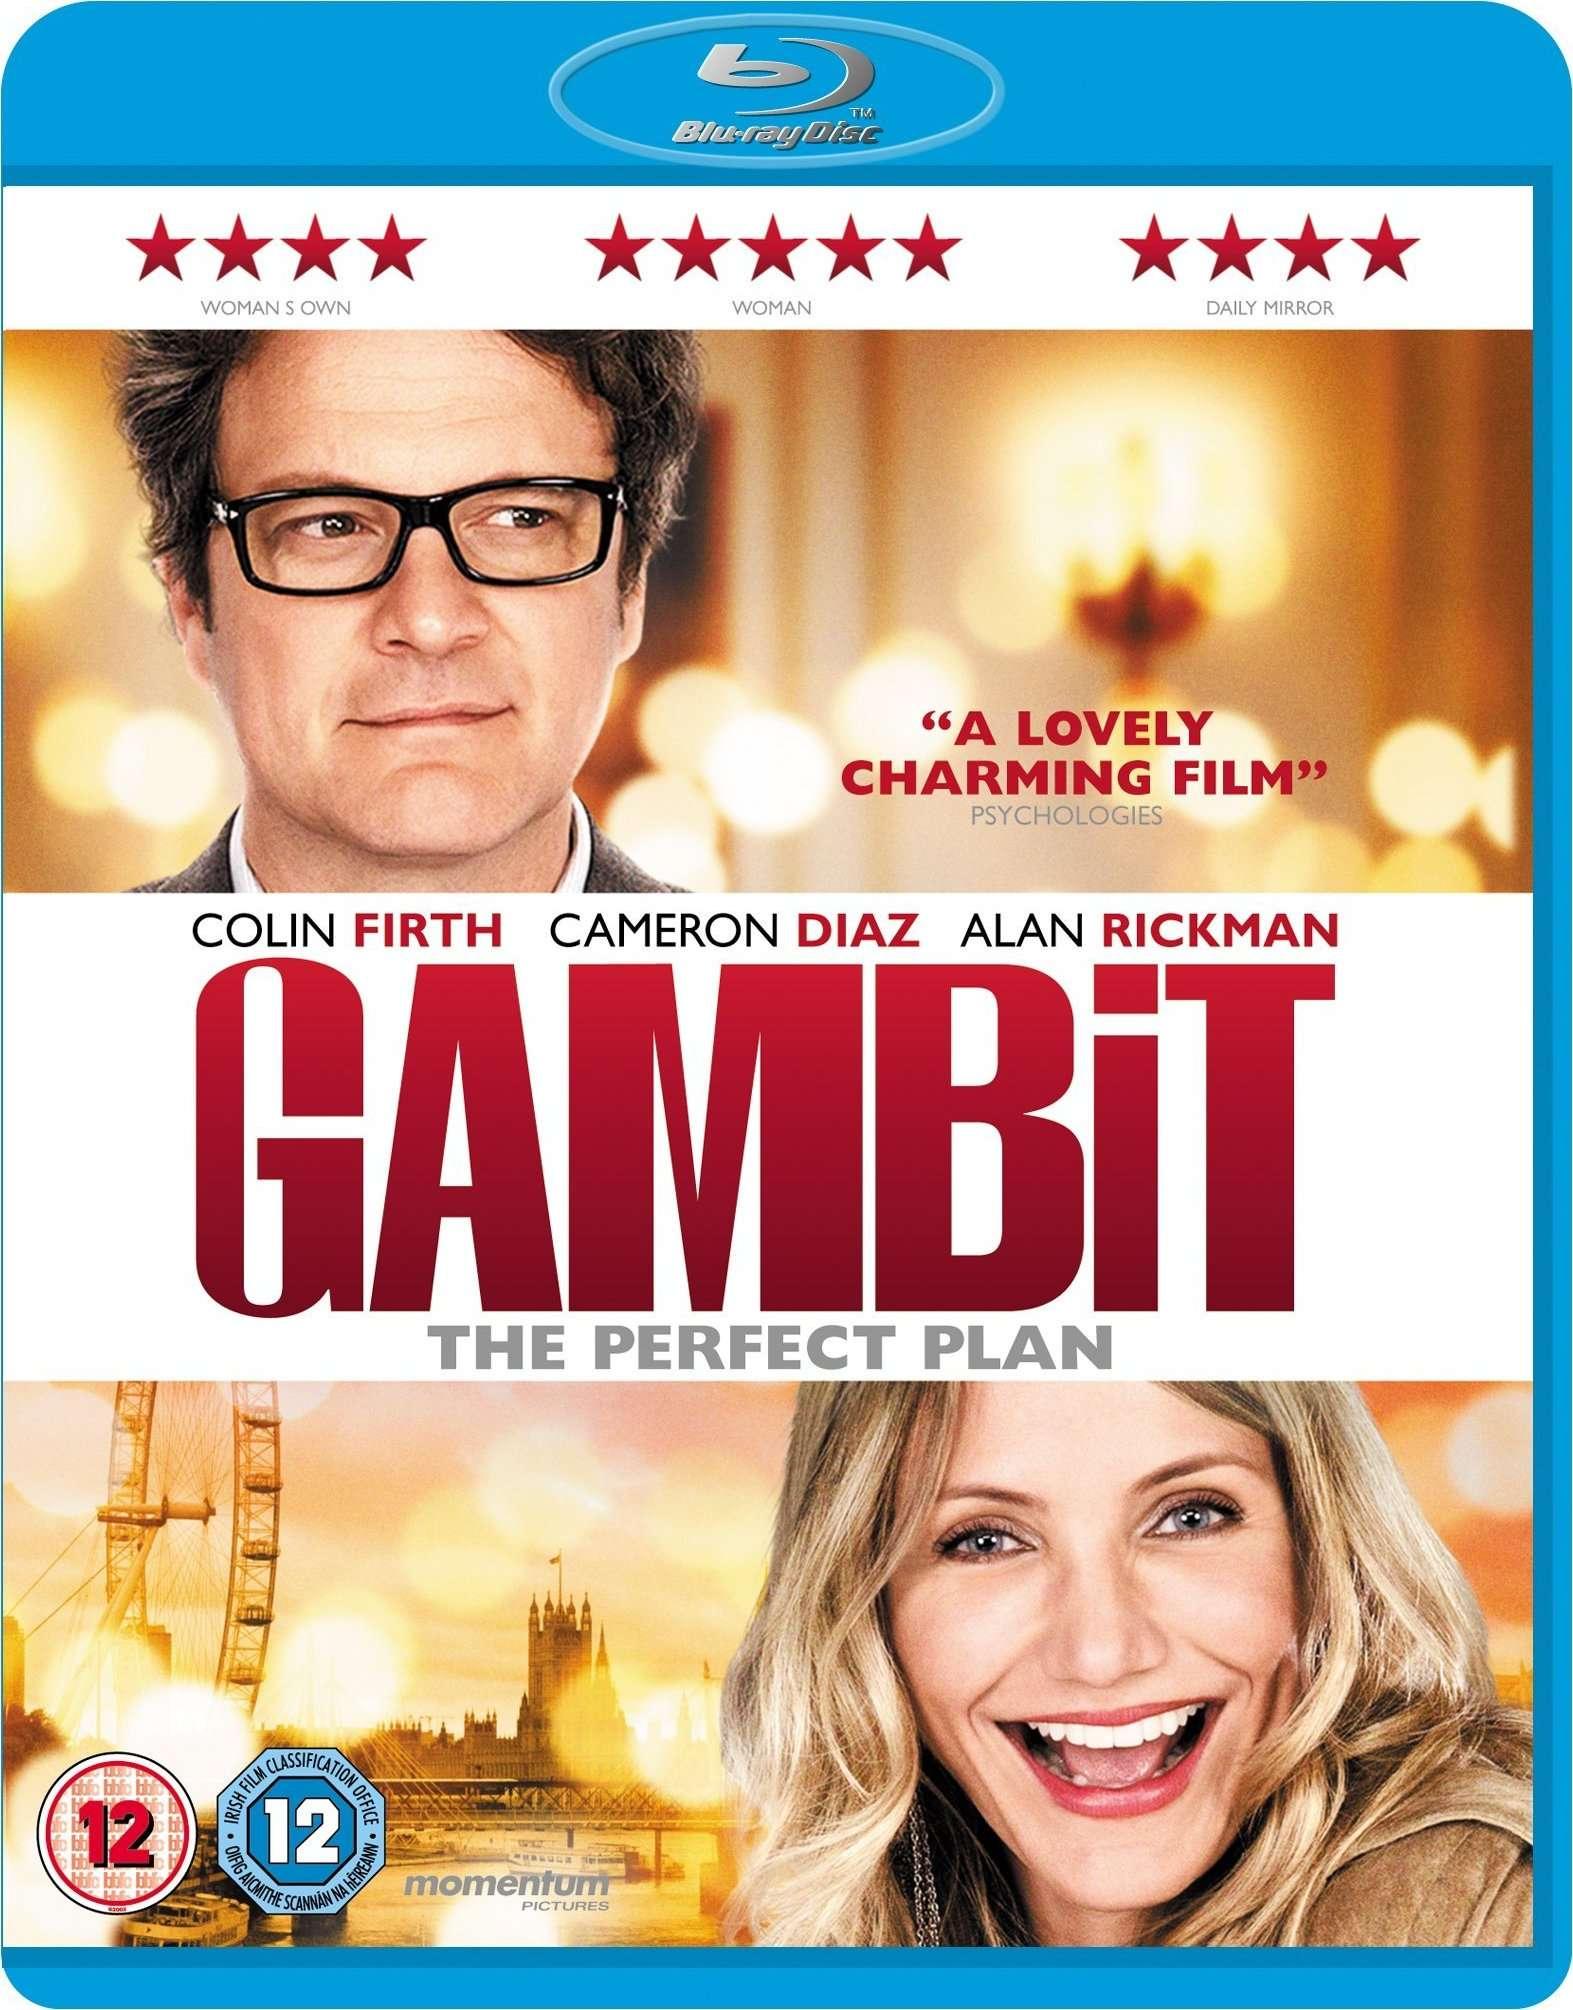 Gambit (2012) FullHD 1080p 8.34 GB ITA AC3 5.1 ENG DTS+AC3 5.1 Subs MKV